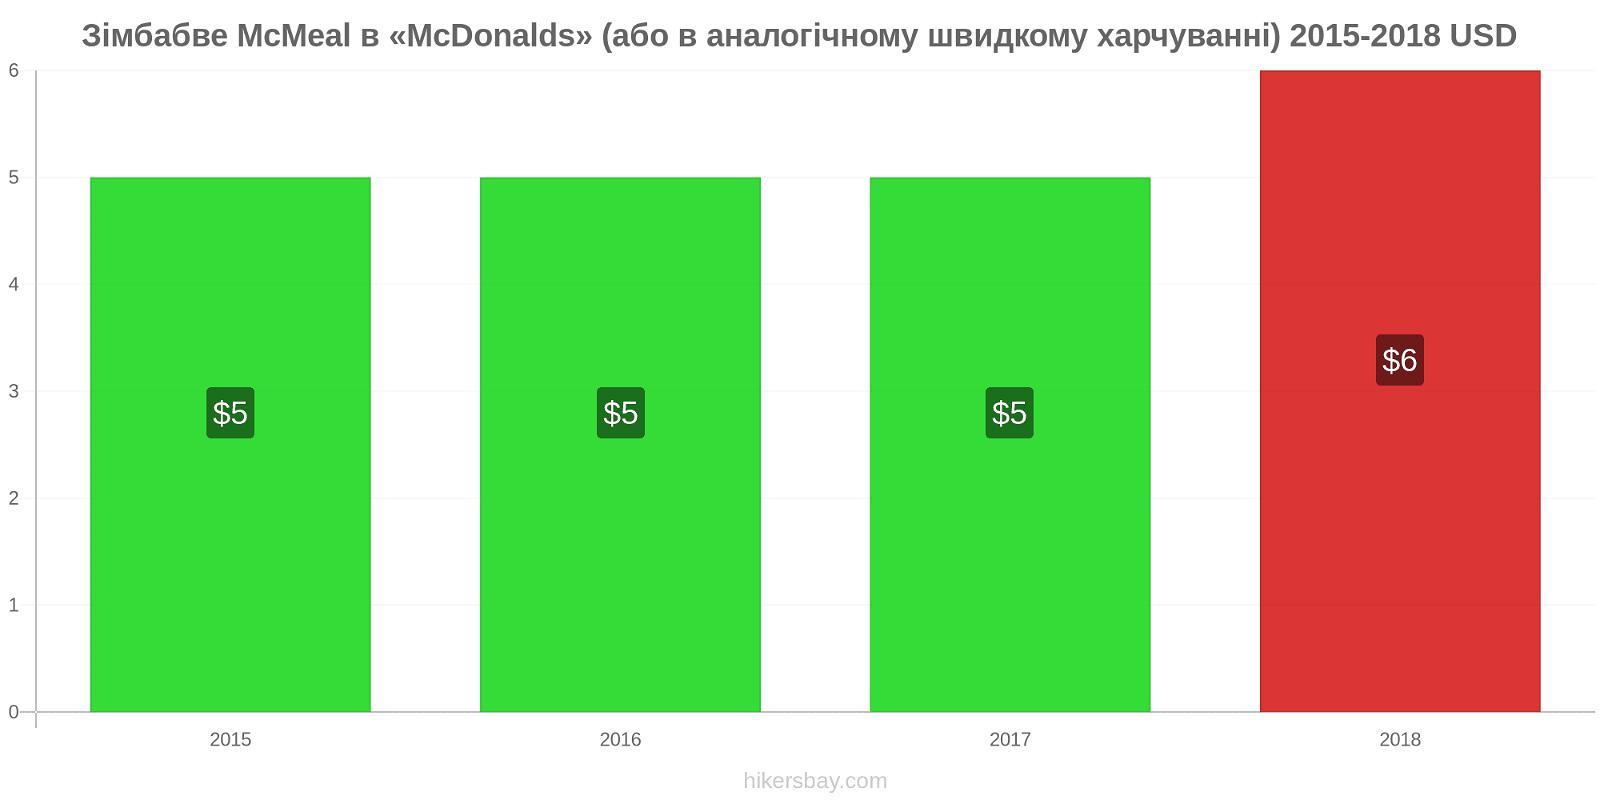 Зімбабве зміни цін McMeal в «McDonalds» (або в аналогічному швидкому харчуванні) hikersbay.com